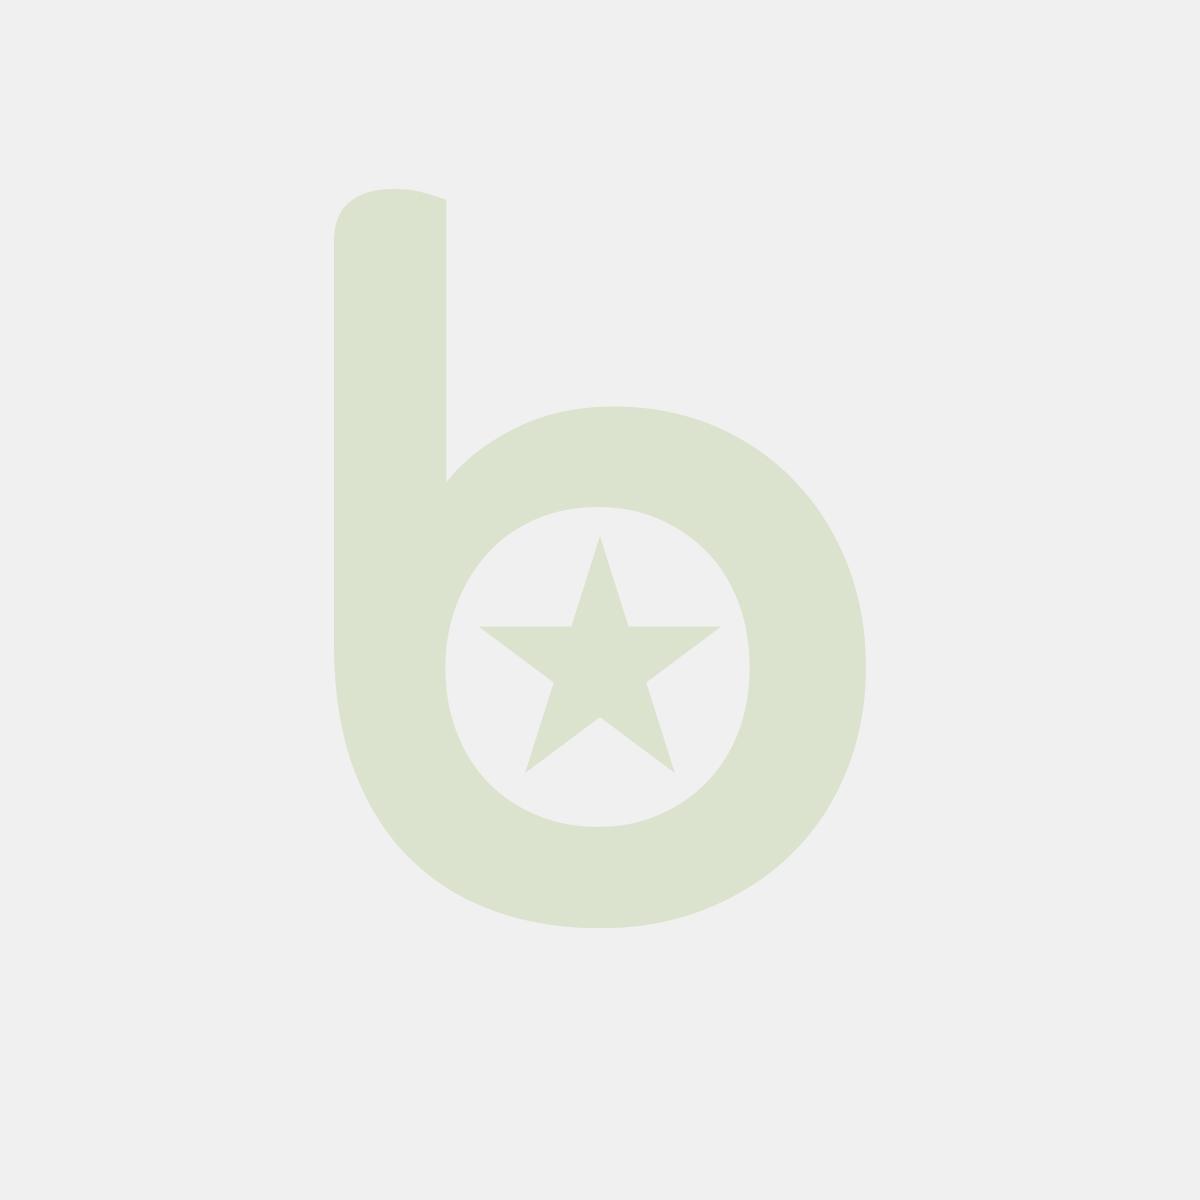 FINGERFOOD łyżki POSEIDON, 25szt 9,1cm x 3,9cm x 1,8cm